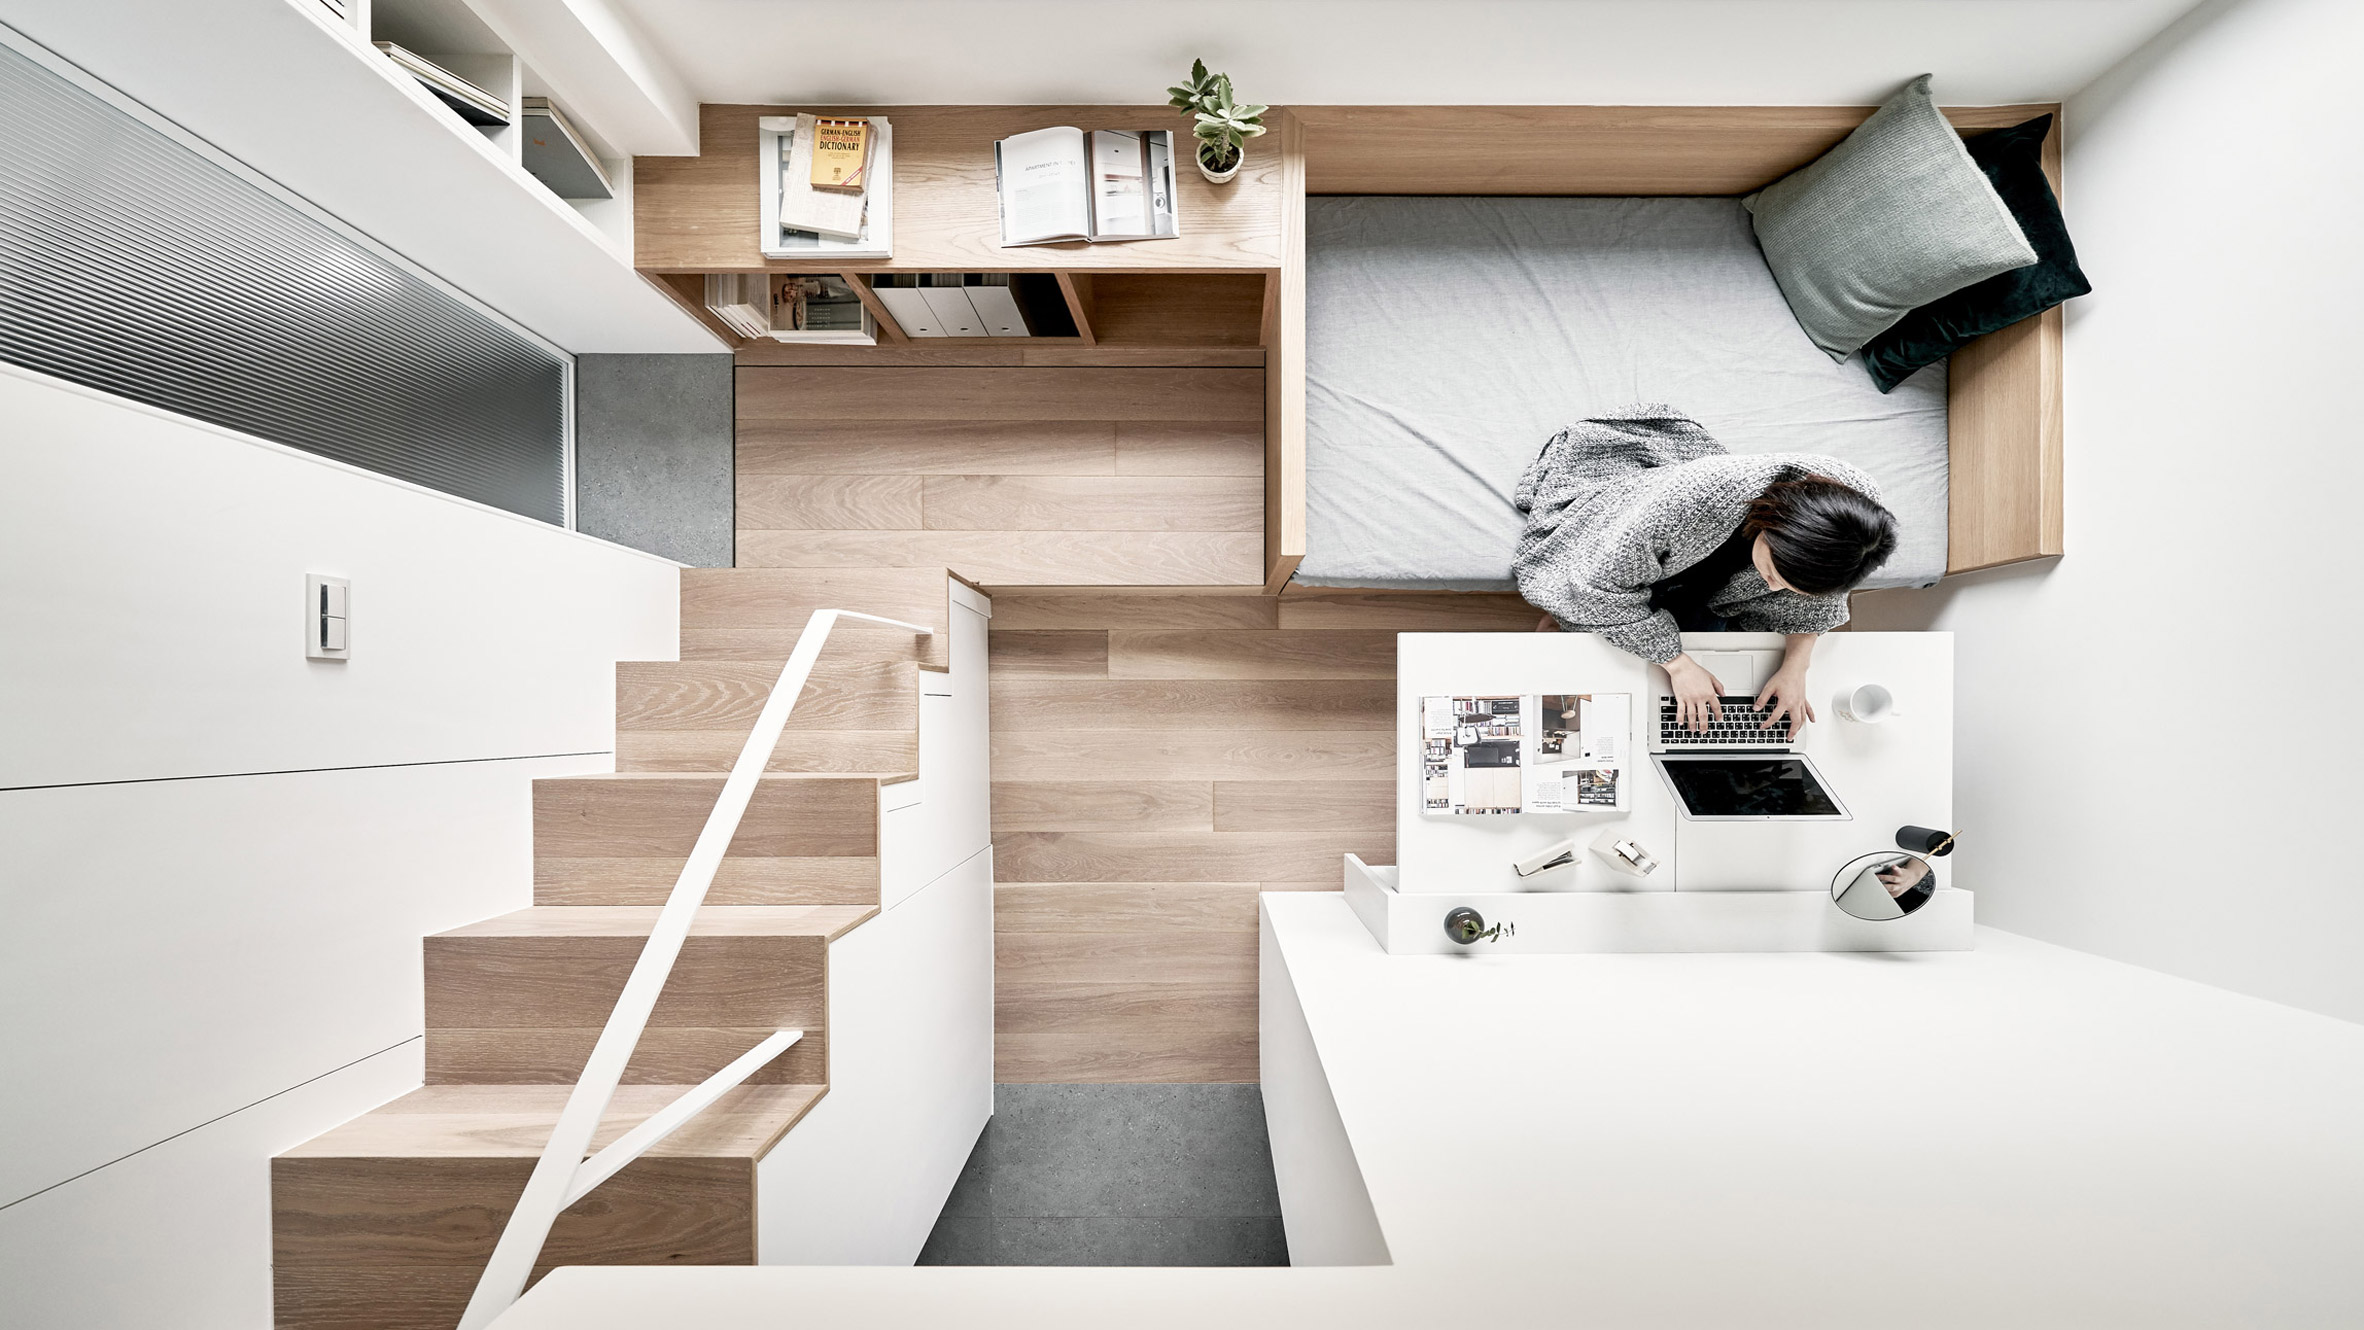 Микро апартамент в Тайван е обзаведен с вградени мебели